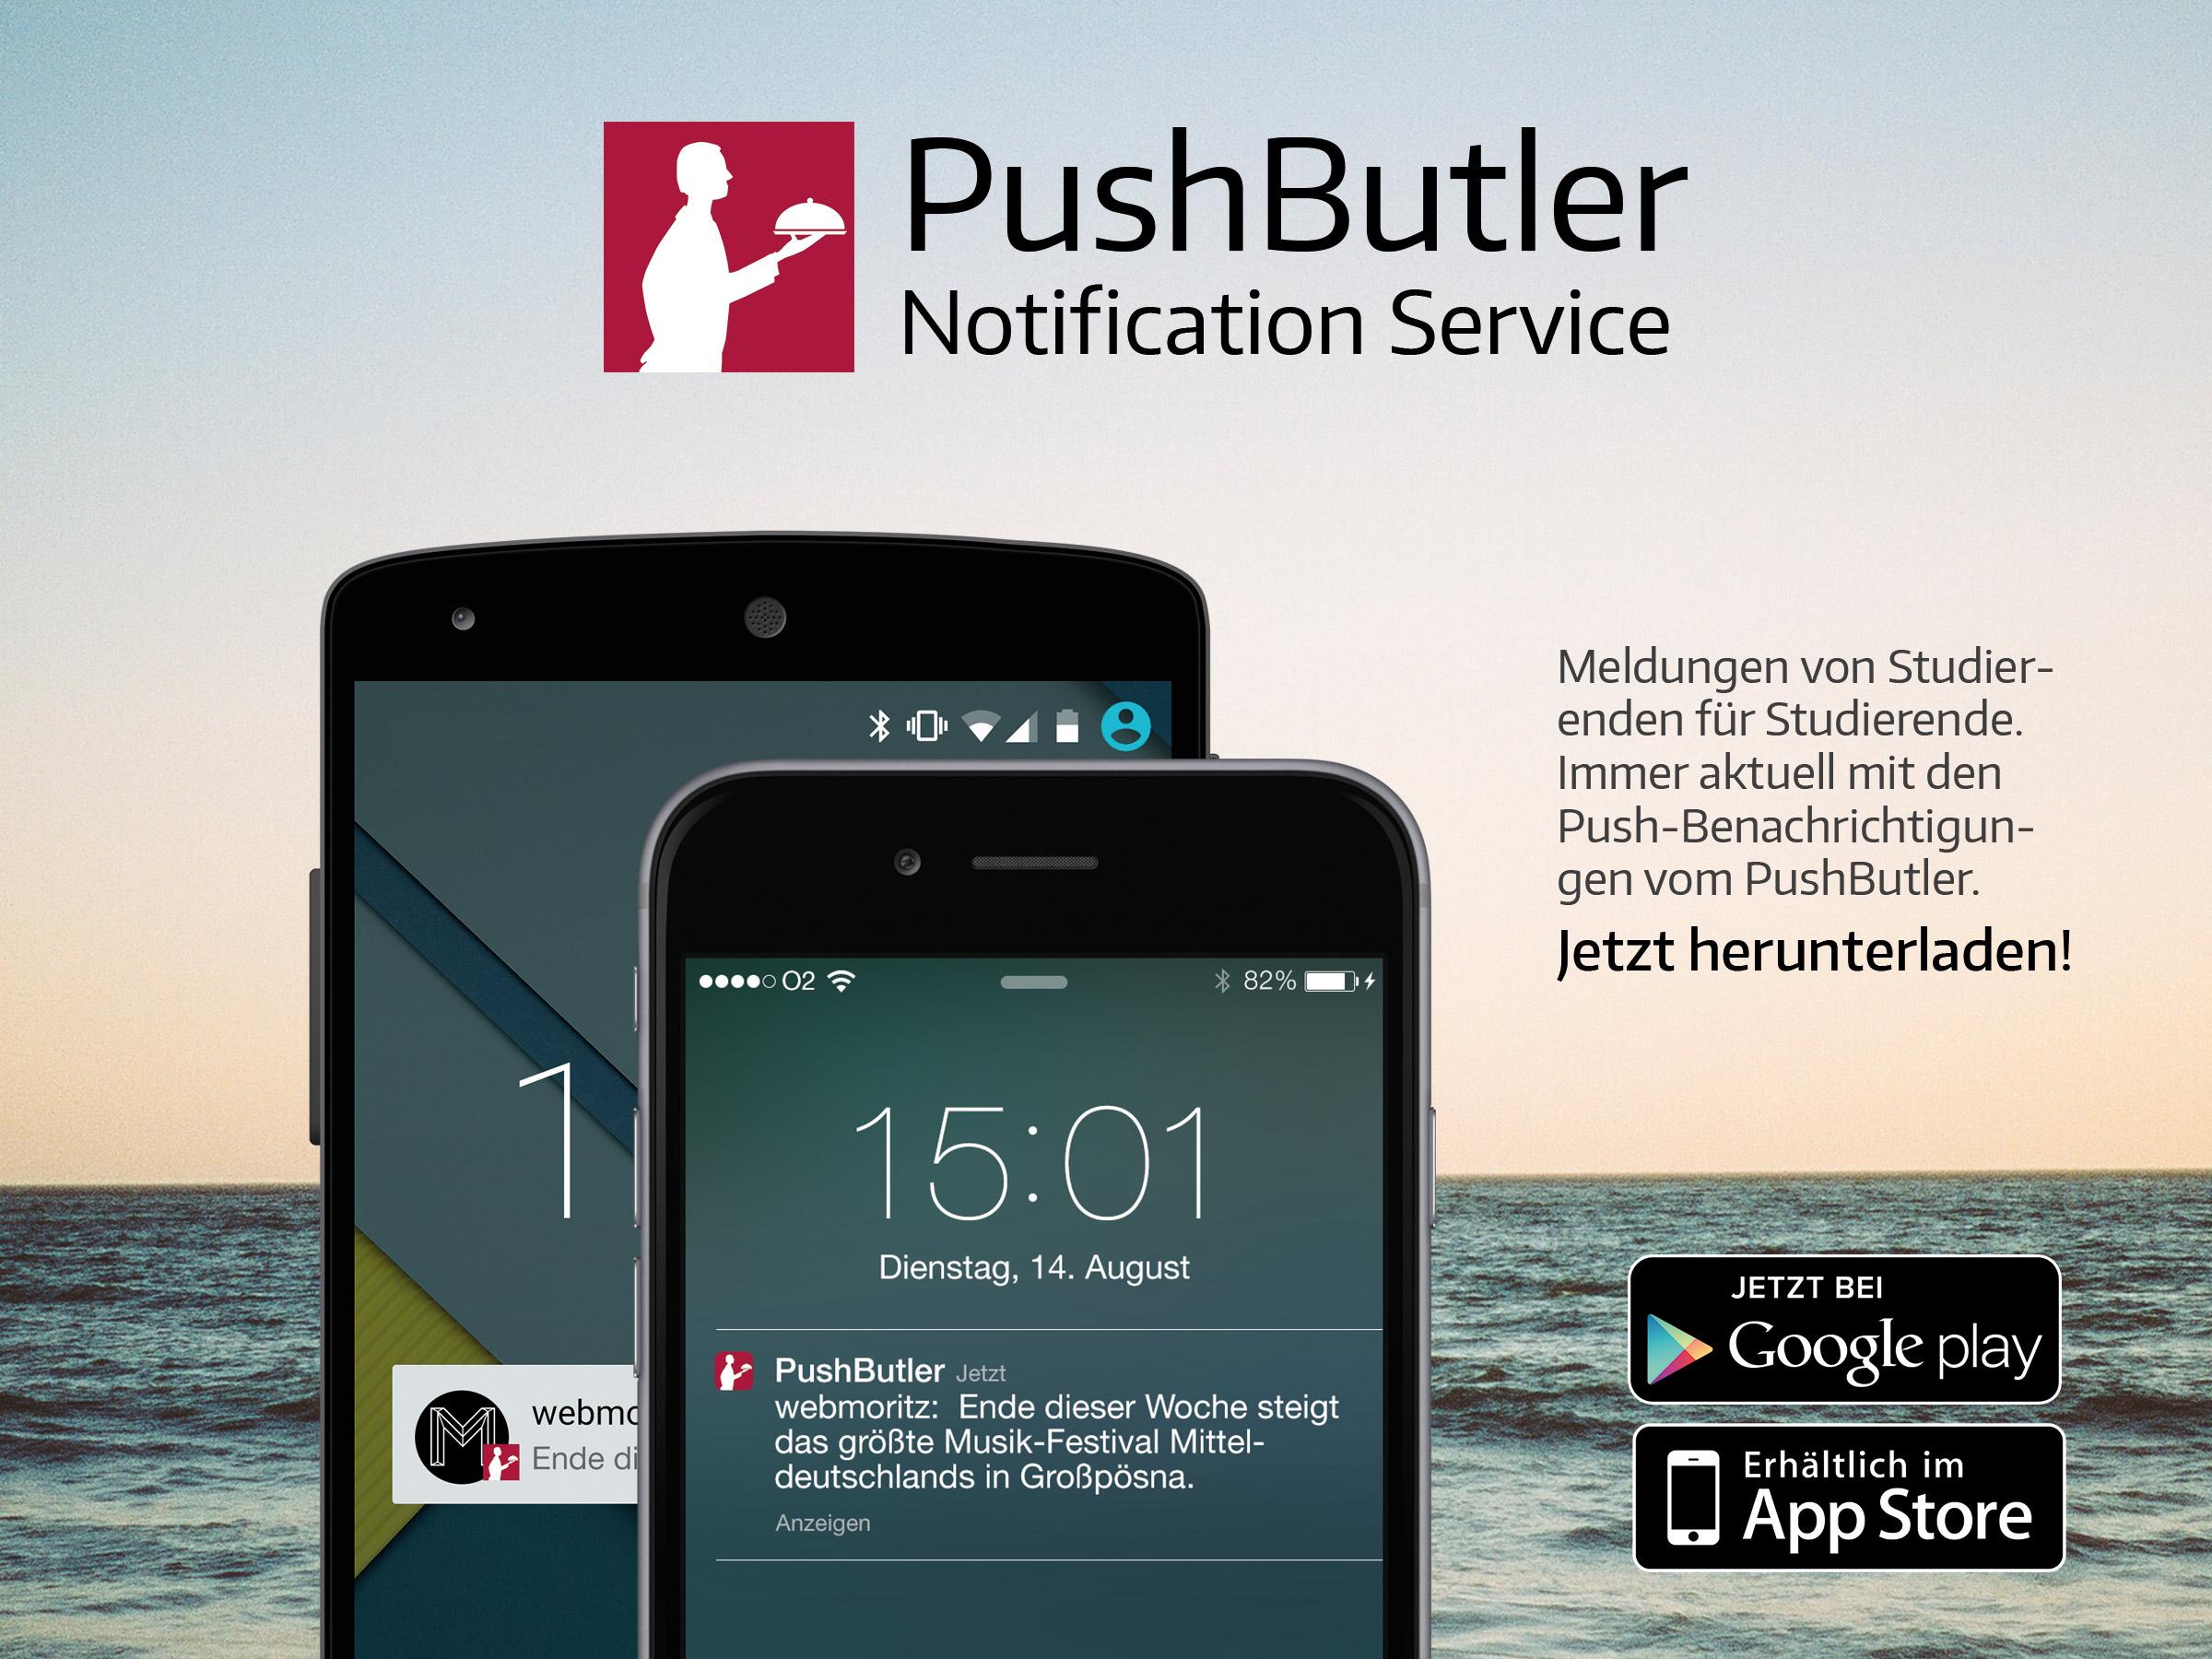 Ladet euch diese App auf euer Smartphone und aboniert webmoritz.! Sobald es einen neuen Artikel gibt, bekommt ihr eine Pushnachricht, nie mehr einen Artikel verpassen!